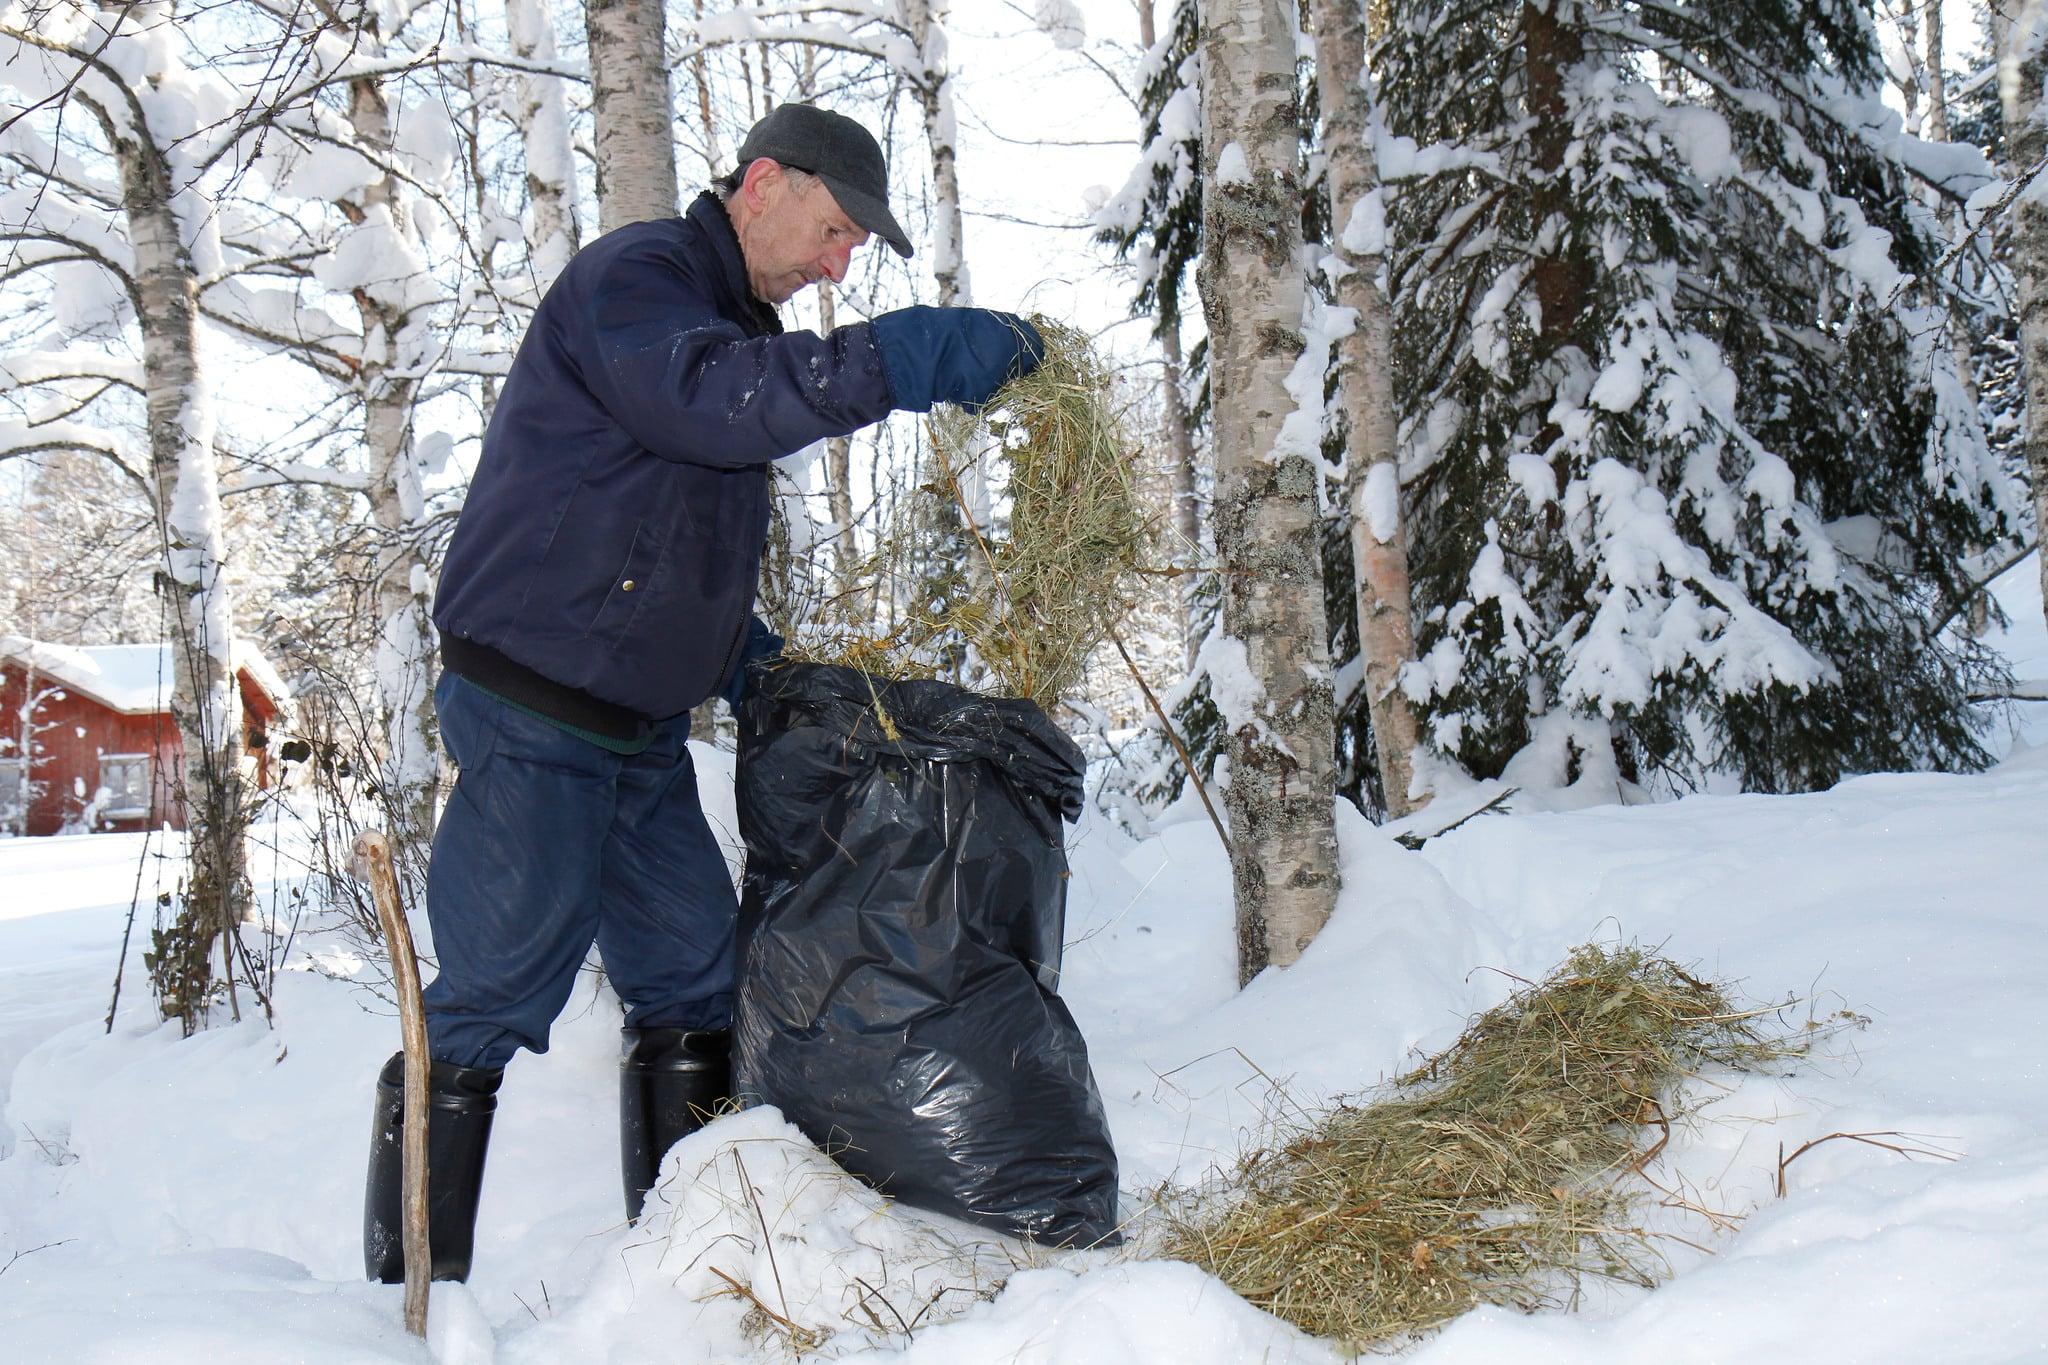 Regeringen har förtroende för jägarnas insatser i Svenska Jägareförbundet.